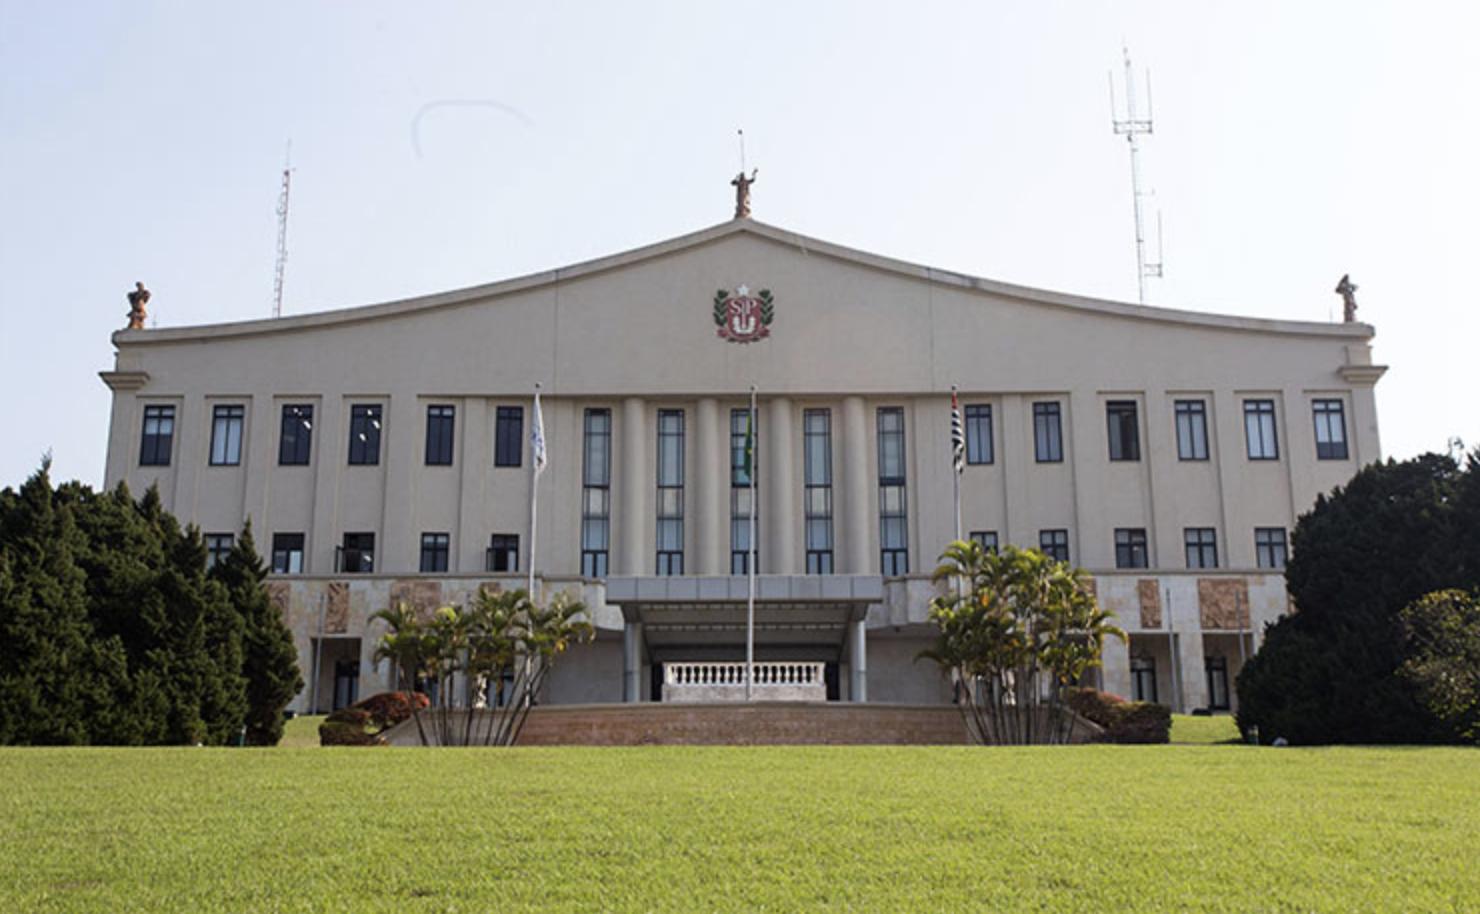 Saneamento básico: Esgoto do Palácio dos Bandeirantes é jogado em córrego